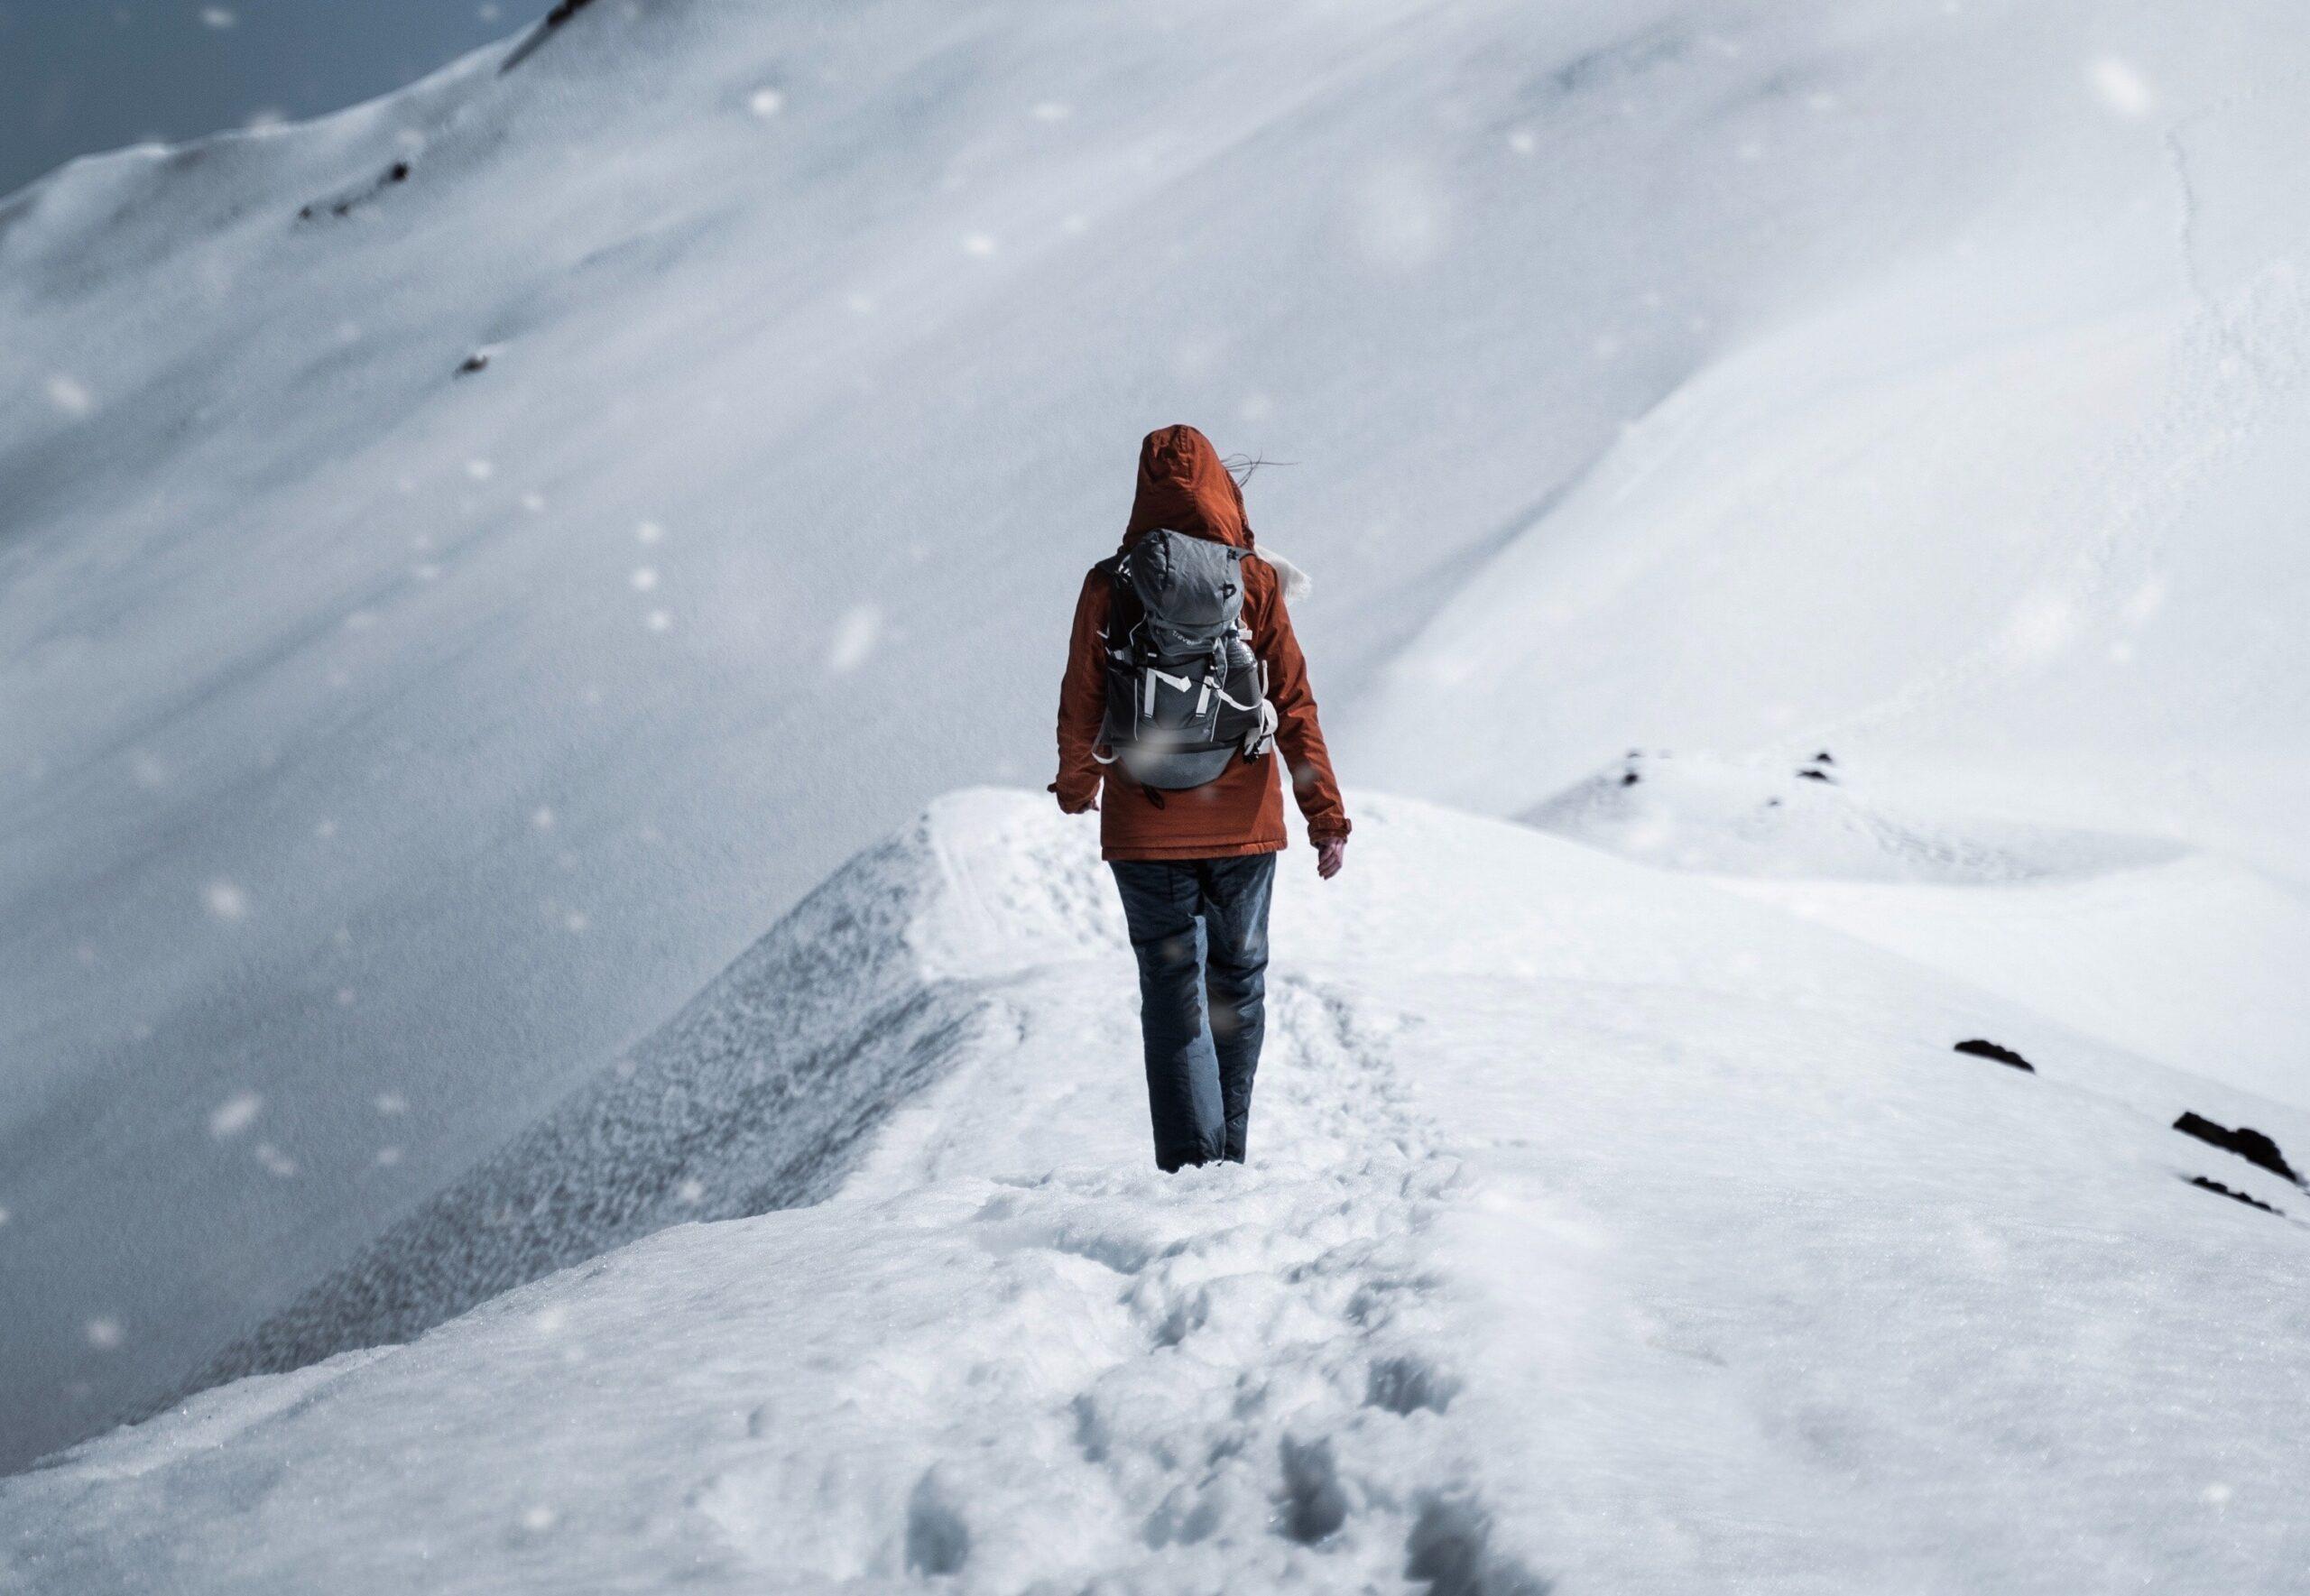 Žena se prochází po hřebeni zasněženého kopce.